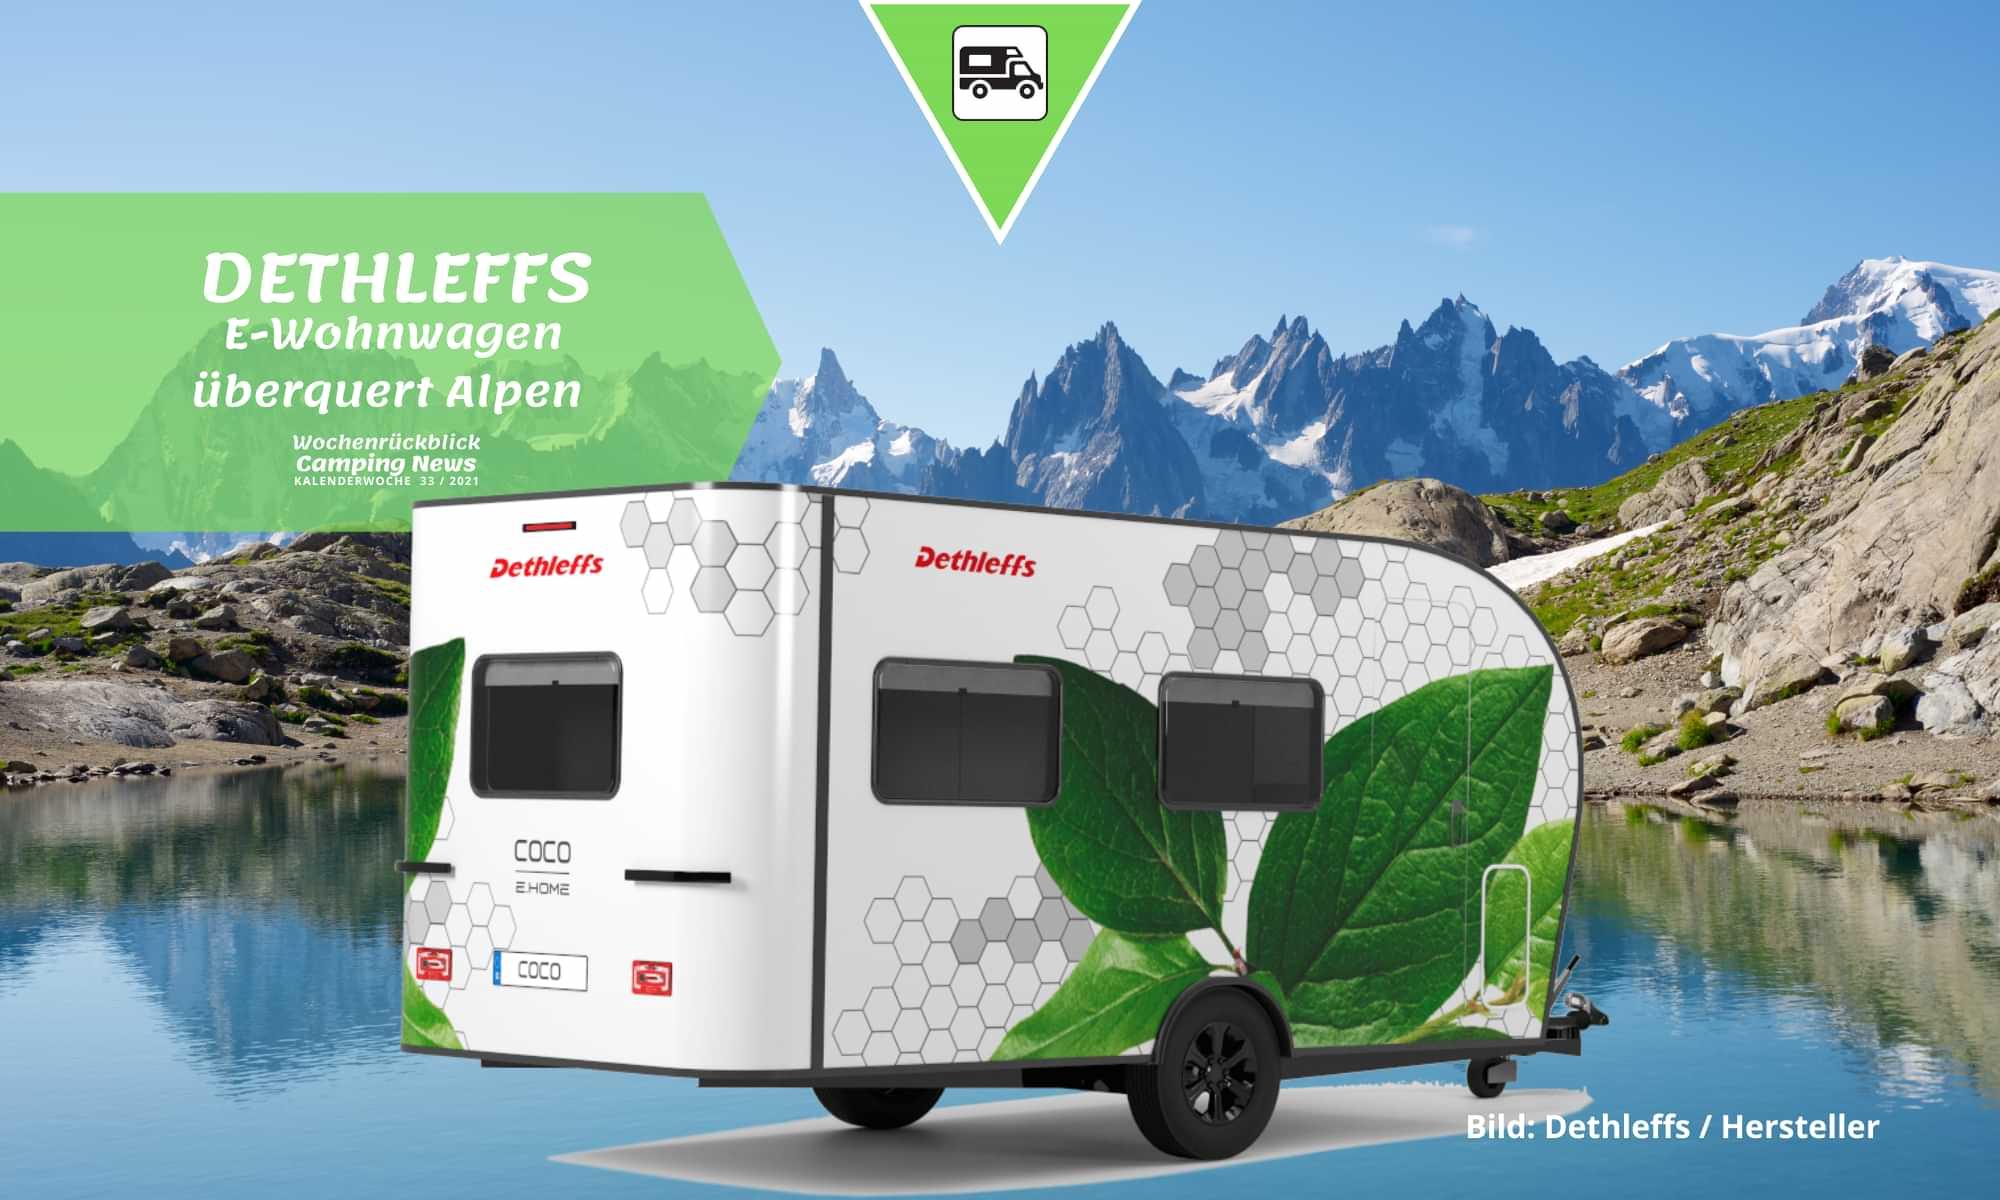 Alpenüberquerung mit einem Dethleffs E-Wohnwagen